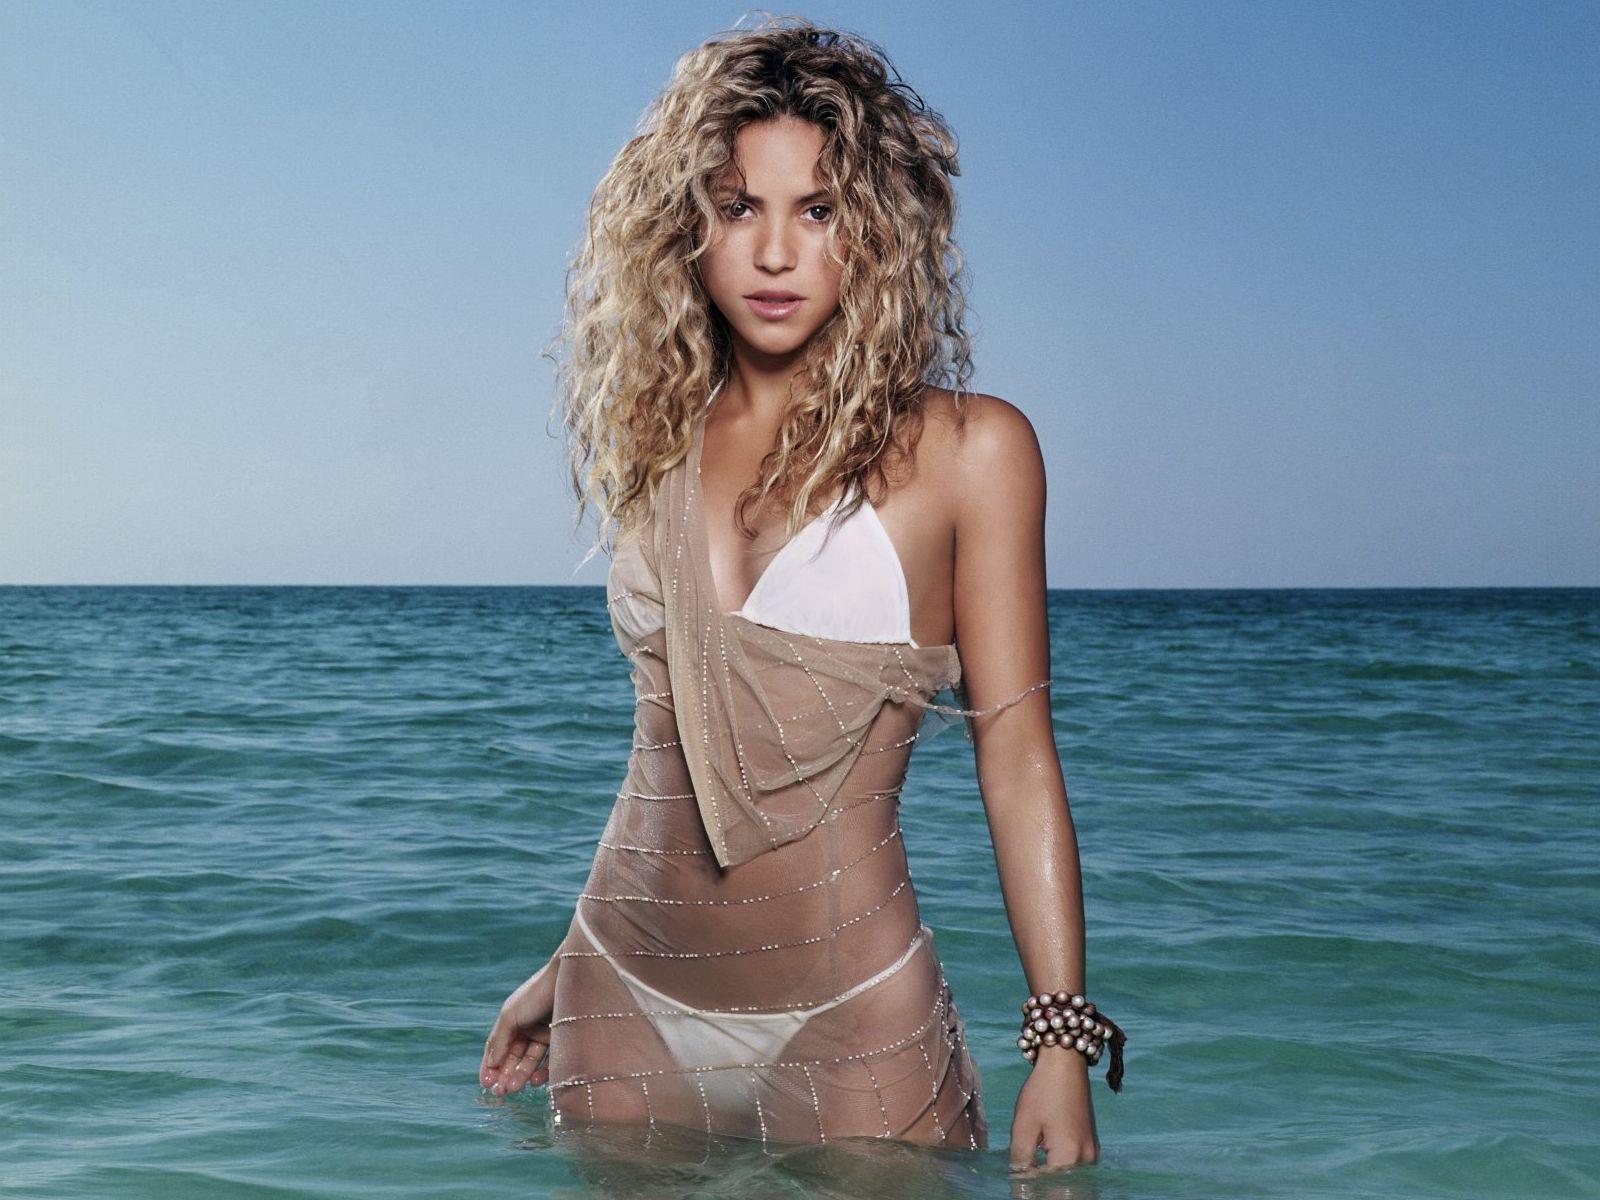 http://3.bp.blogspot.com/_A8orwhatufQ/TMGVuXyPoWI/AAAAAAAAALw/NMeyBbw1TNA/s1600/Shakira_bikini.jpg